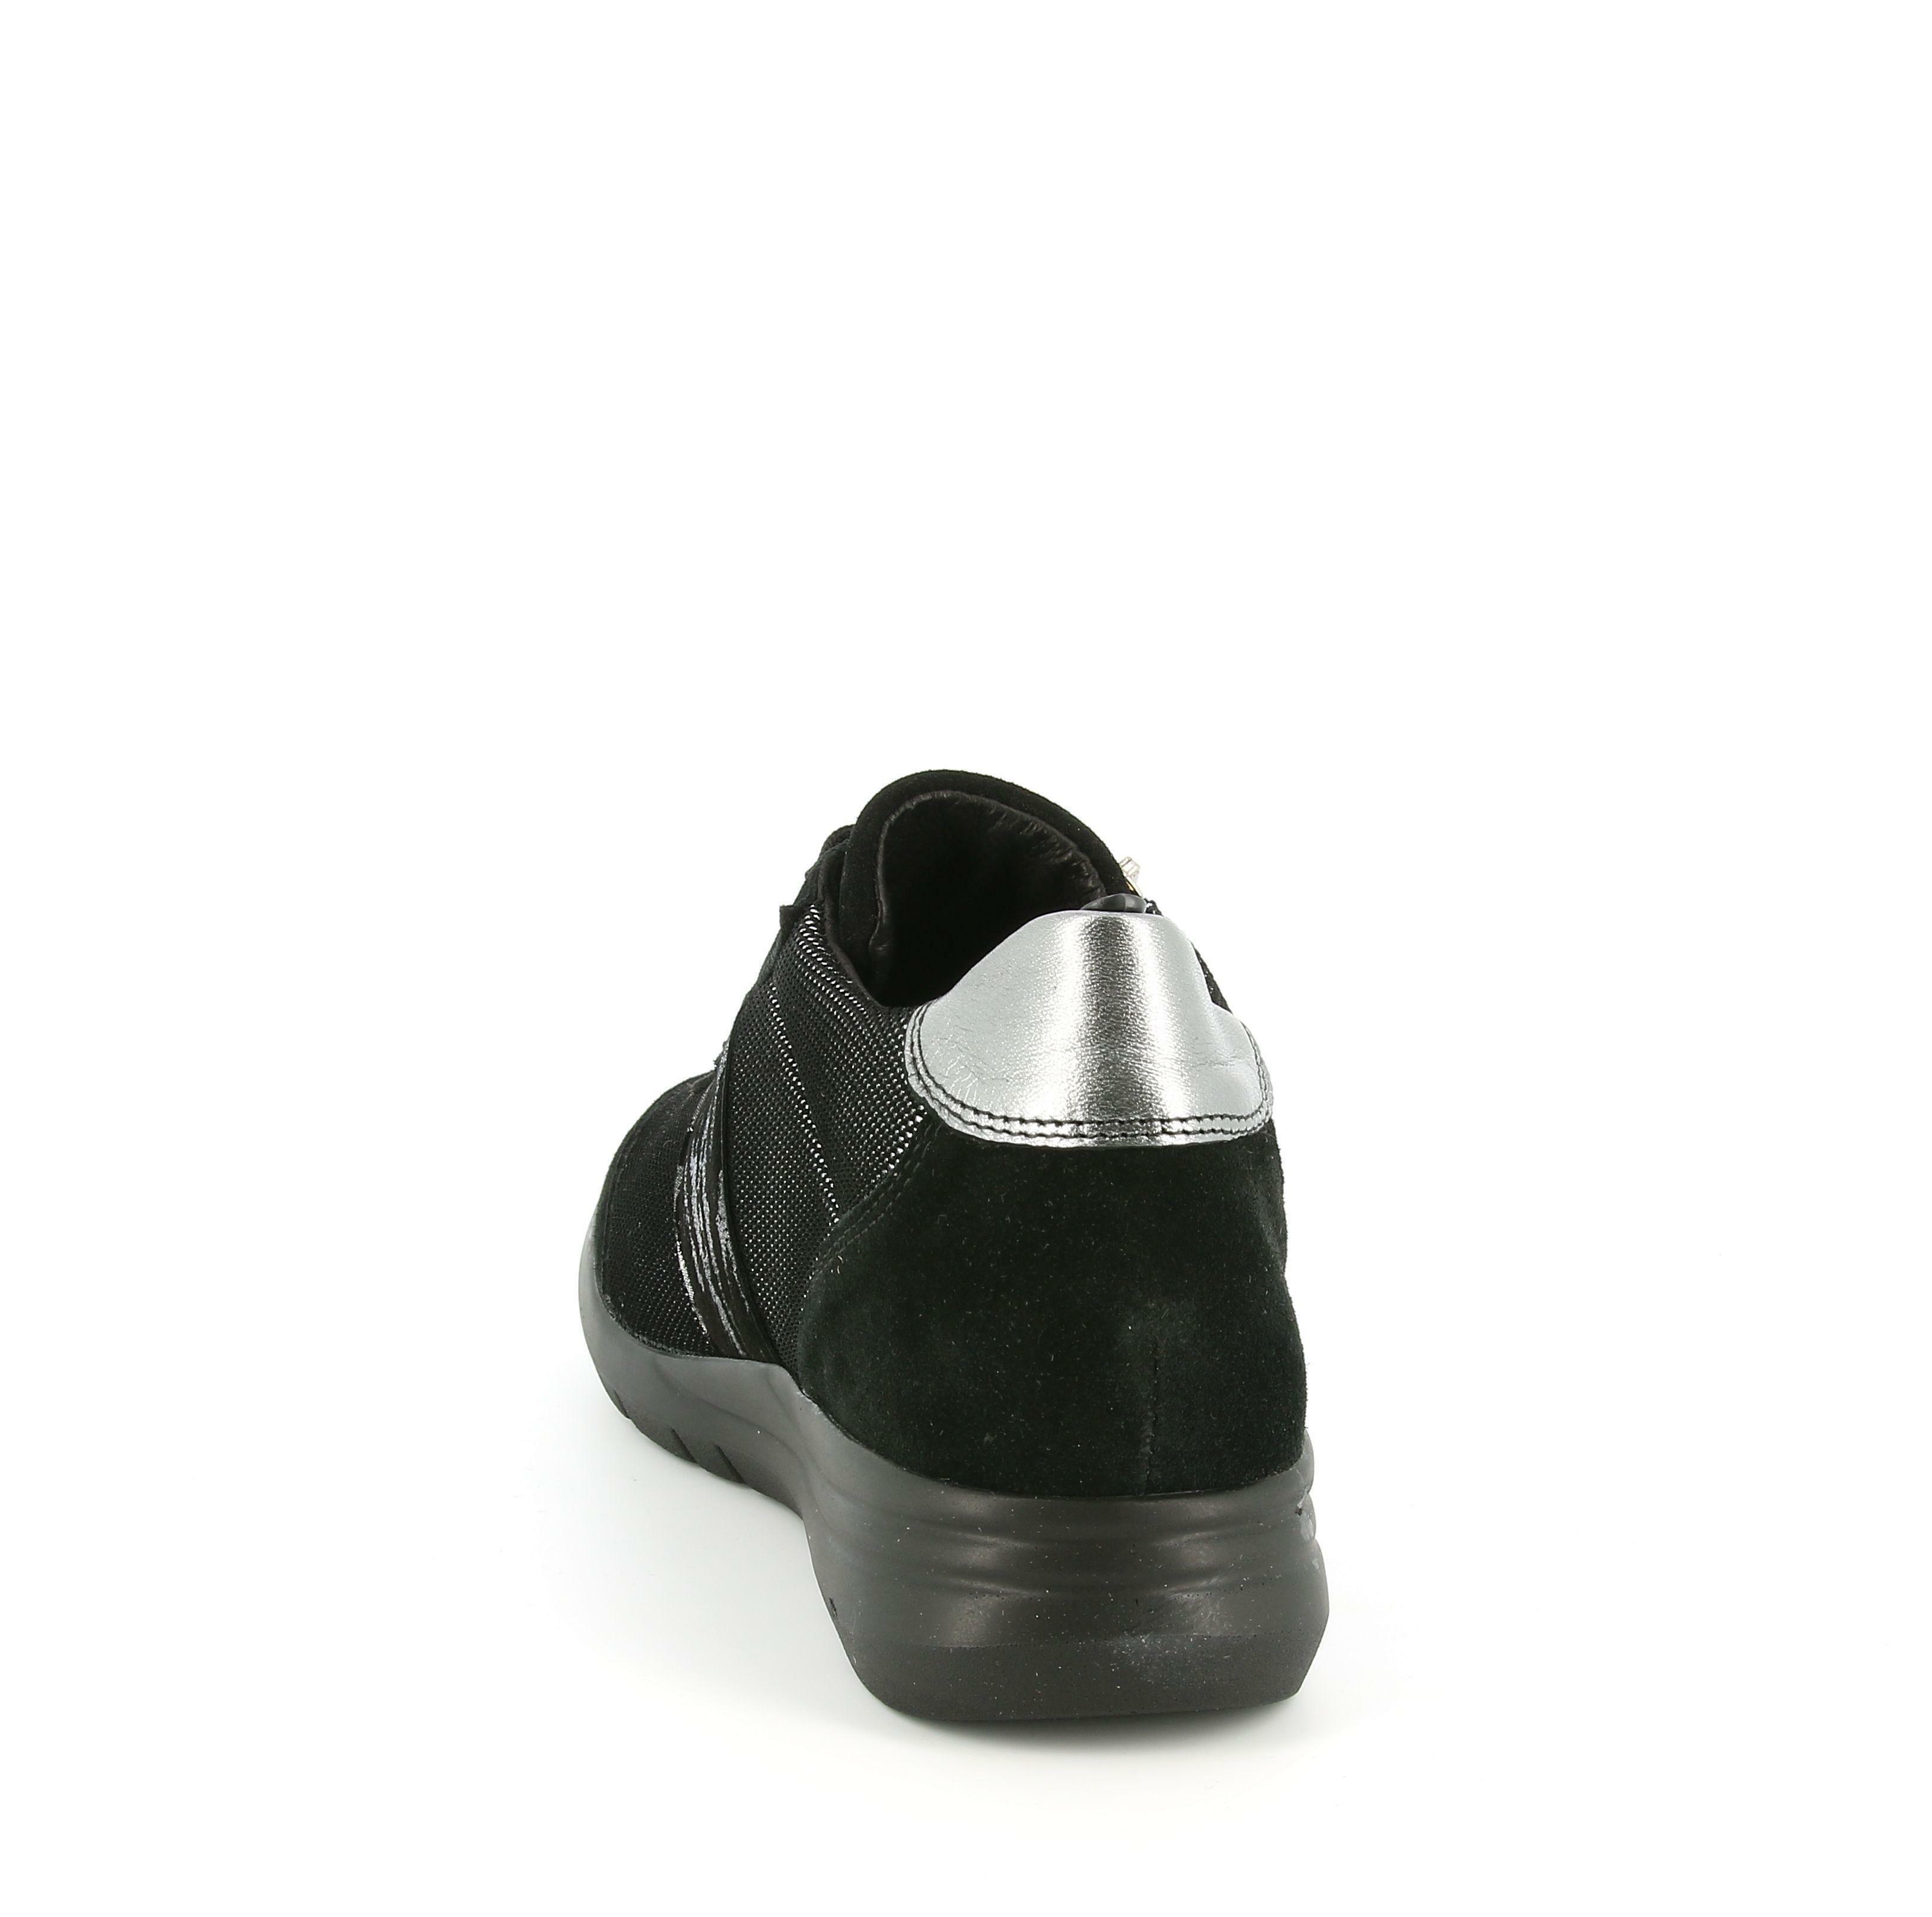 grunland grunland allacciato sportivo donna sc5015 78call nero